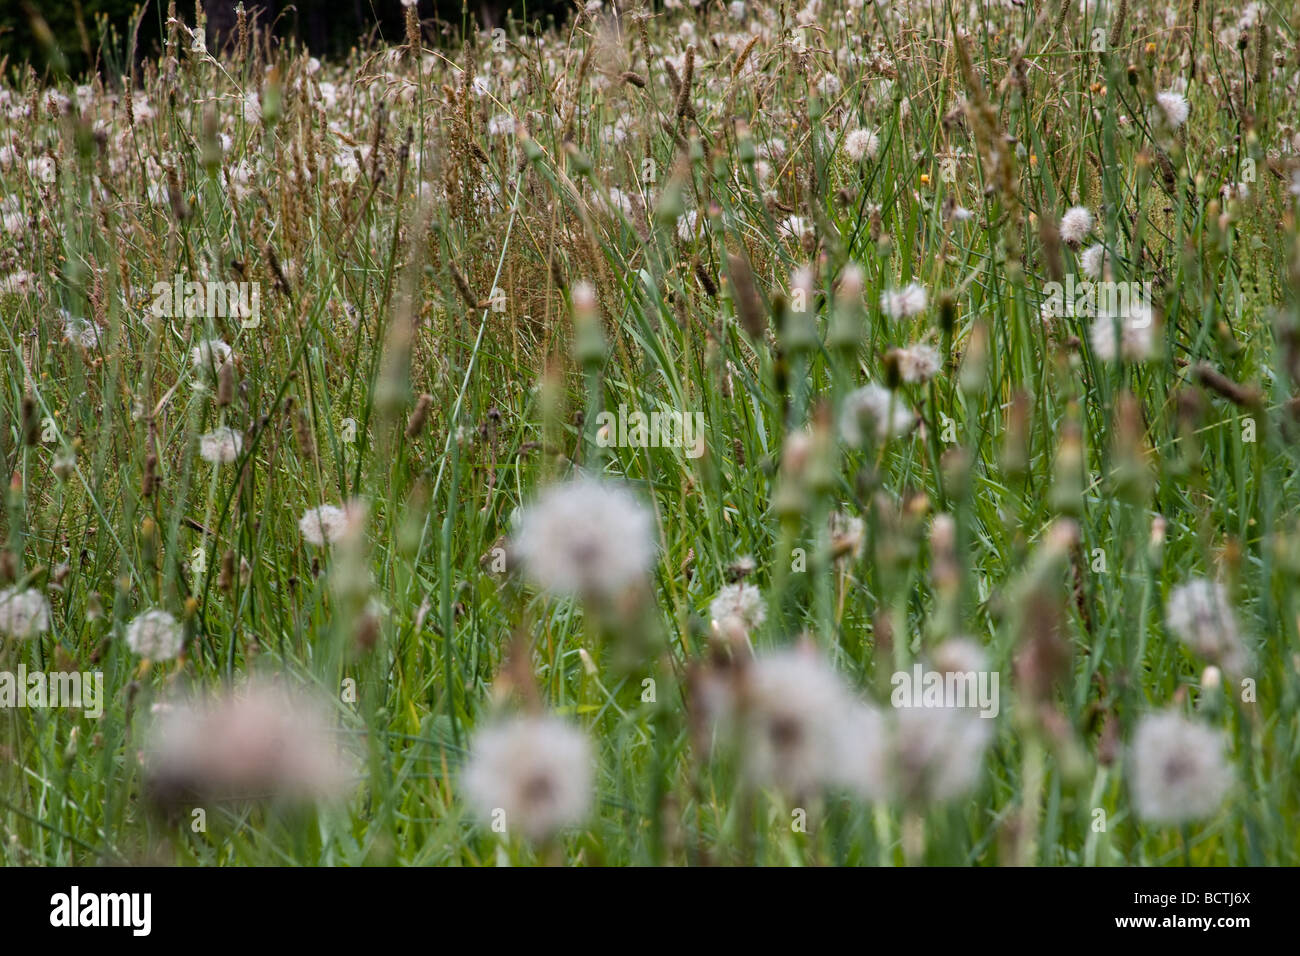 Un campo de diente de león quien una vez florecida ahora se sientan llenos de semillas, dispuestos a dar el Imagen De Stock